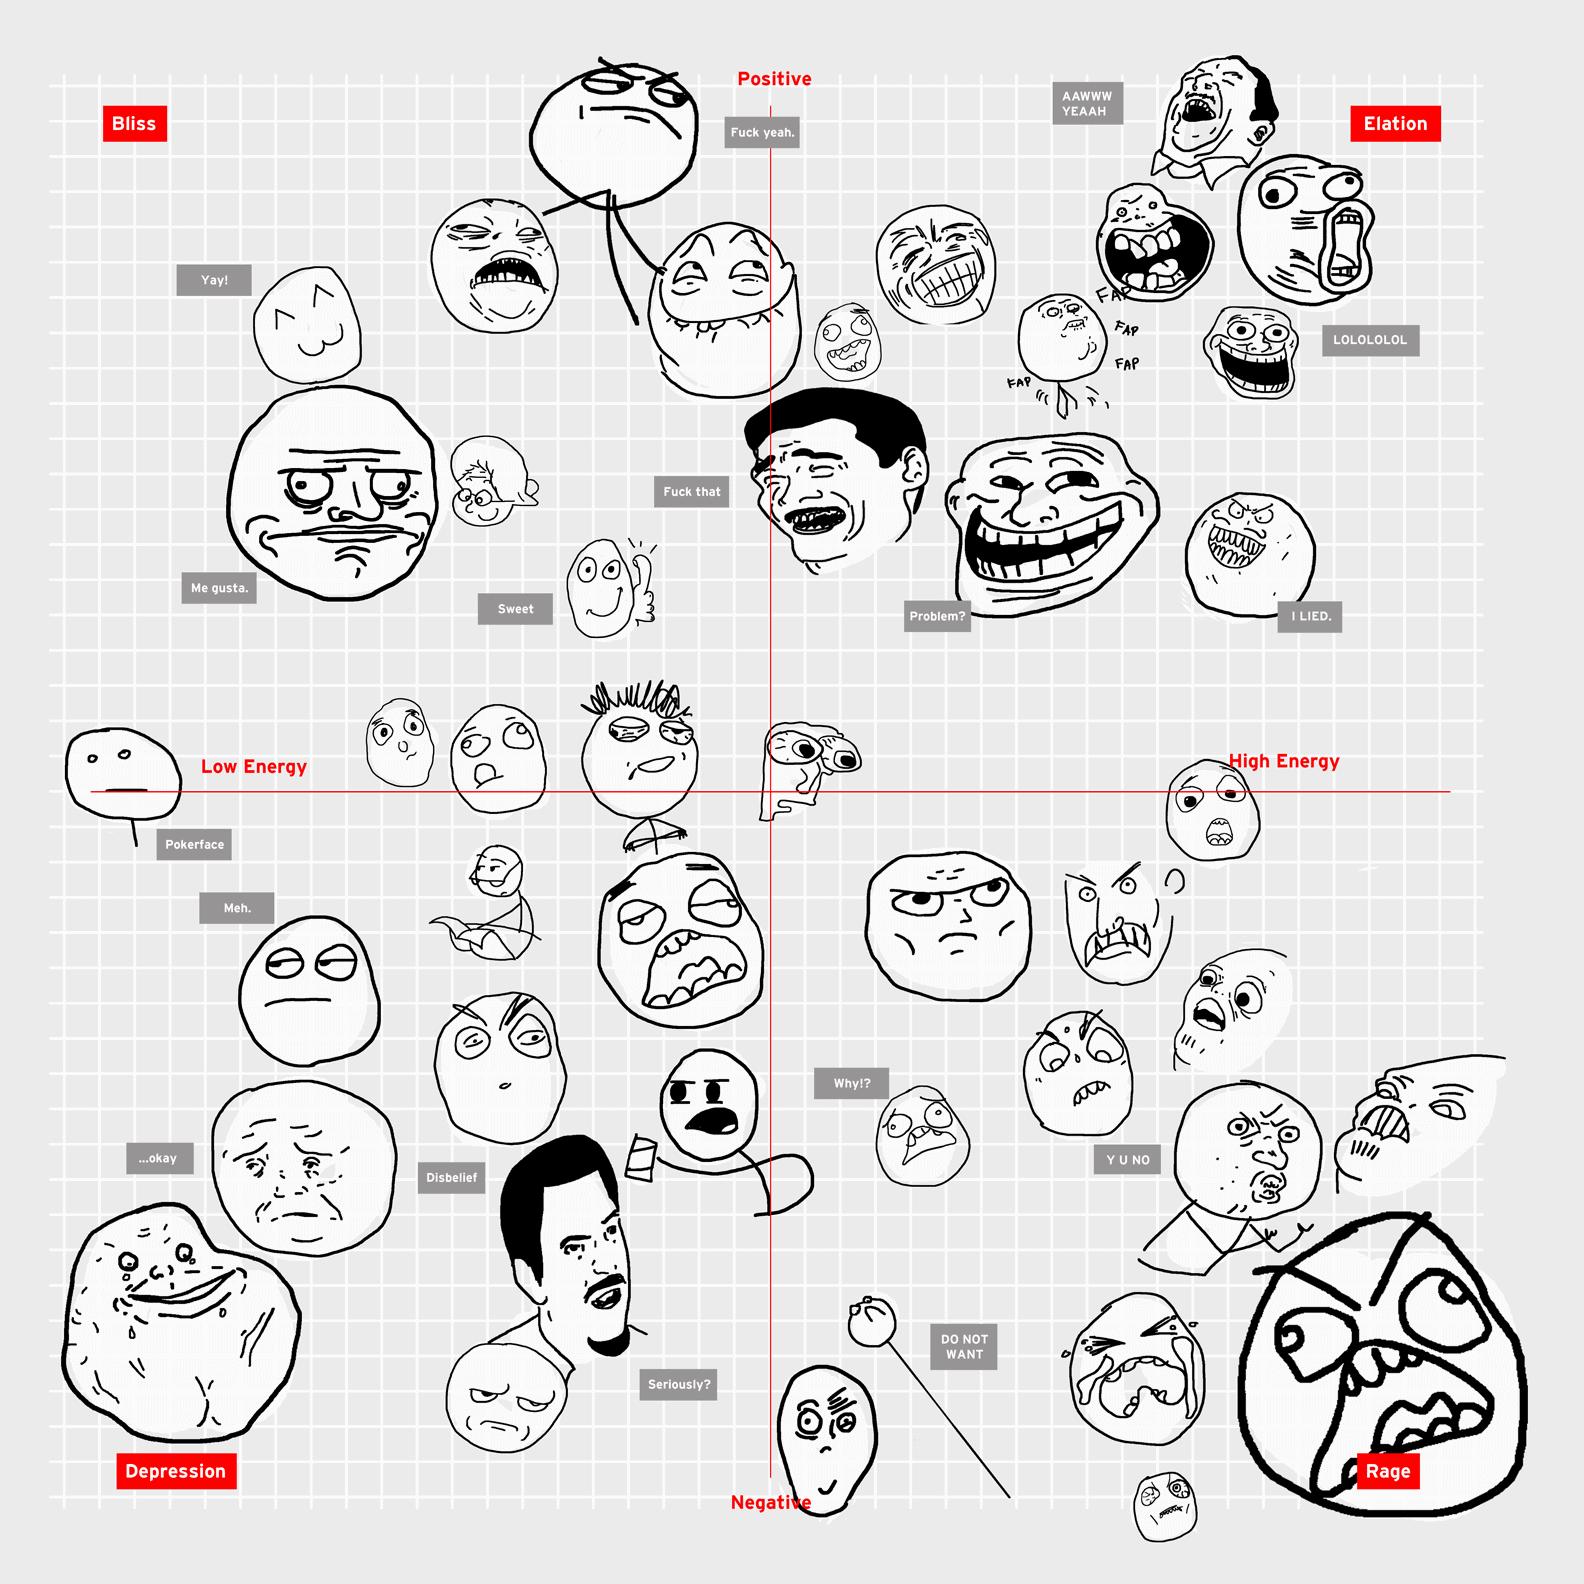 rage comics, мемы с лицами, мемы с круглыми лицами, покерфейс и другие лица, фейсы мемы,